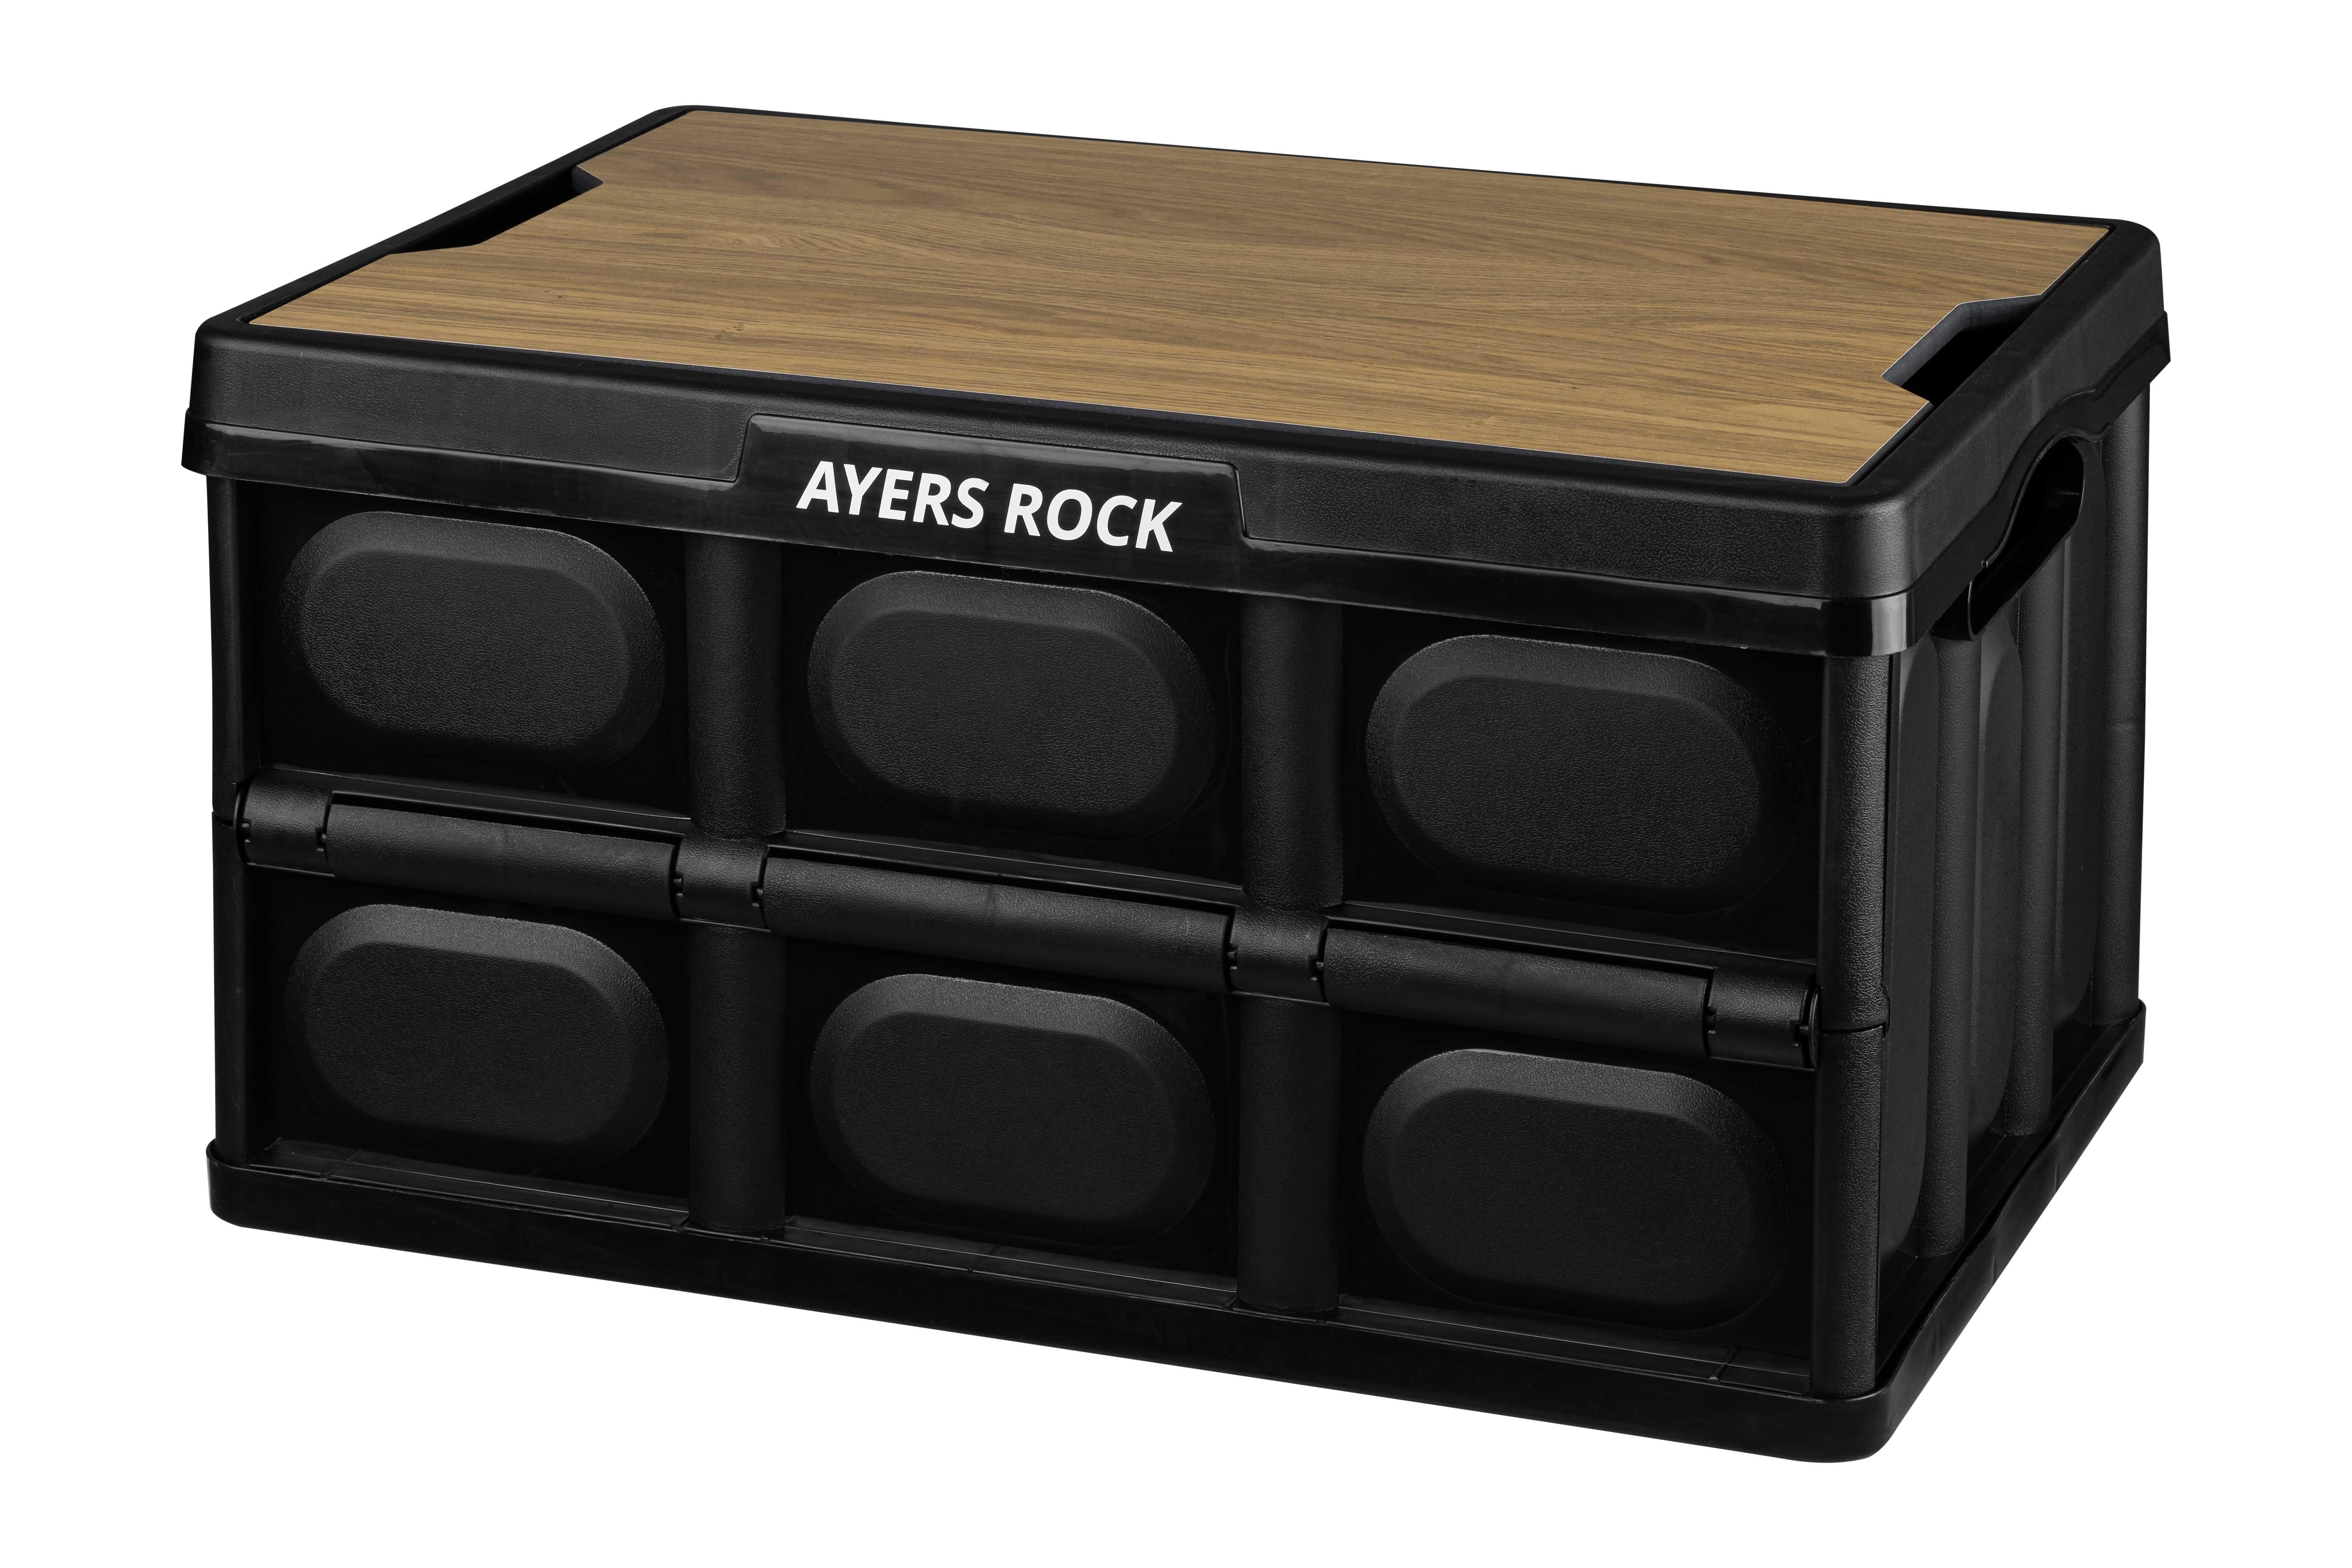 에어즈락 폴딩박스 + 캠핑스티커 + 캠핑테이블 식탁매트 세트 랜덤발송, 블랙(폴딩박스), 베이직 애쉬(상판)